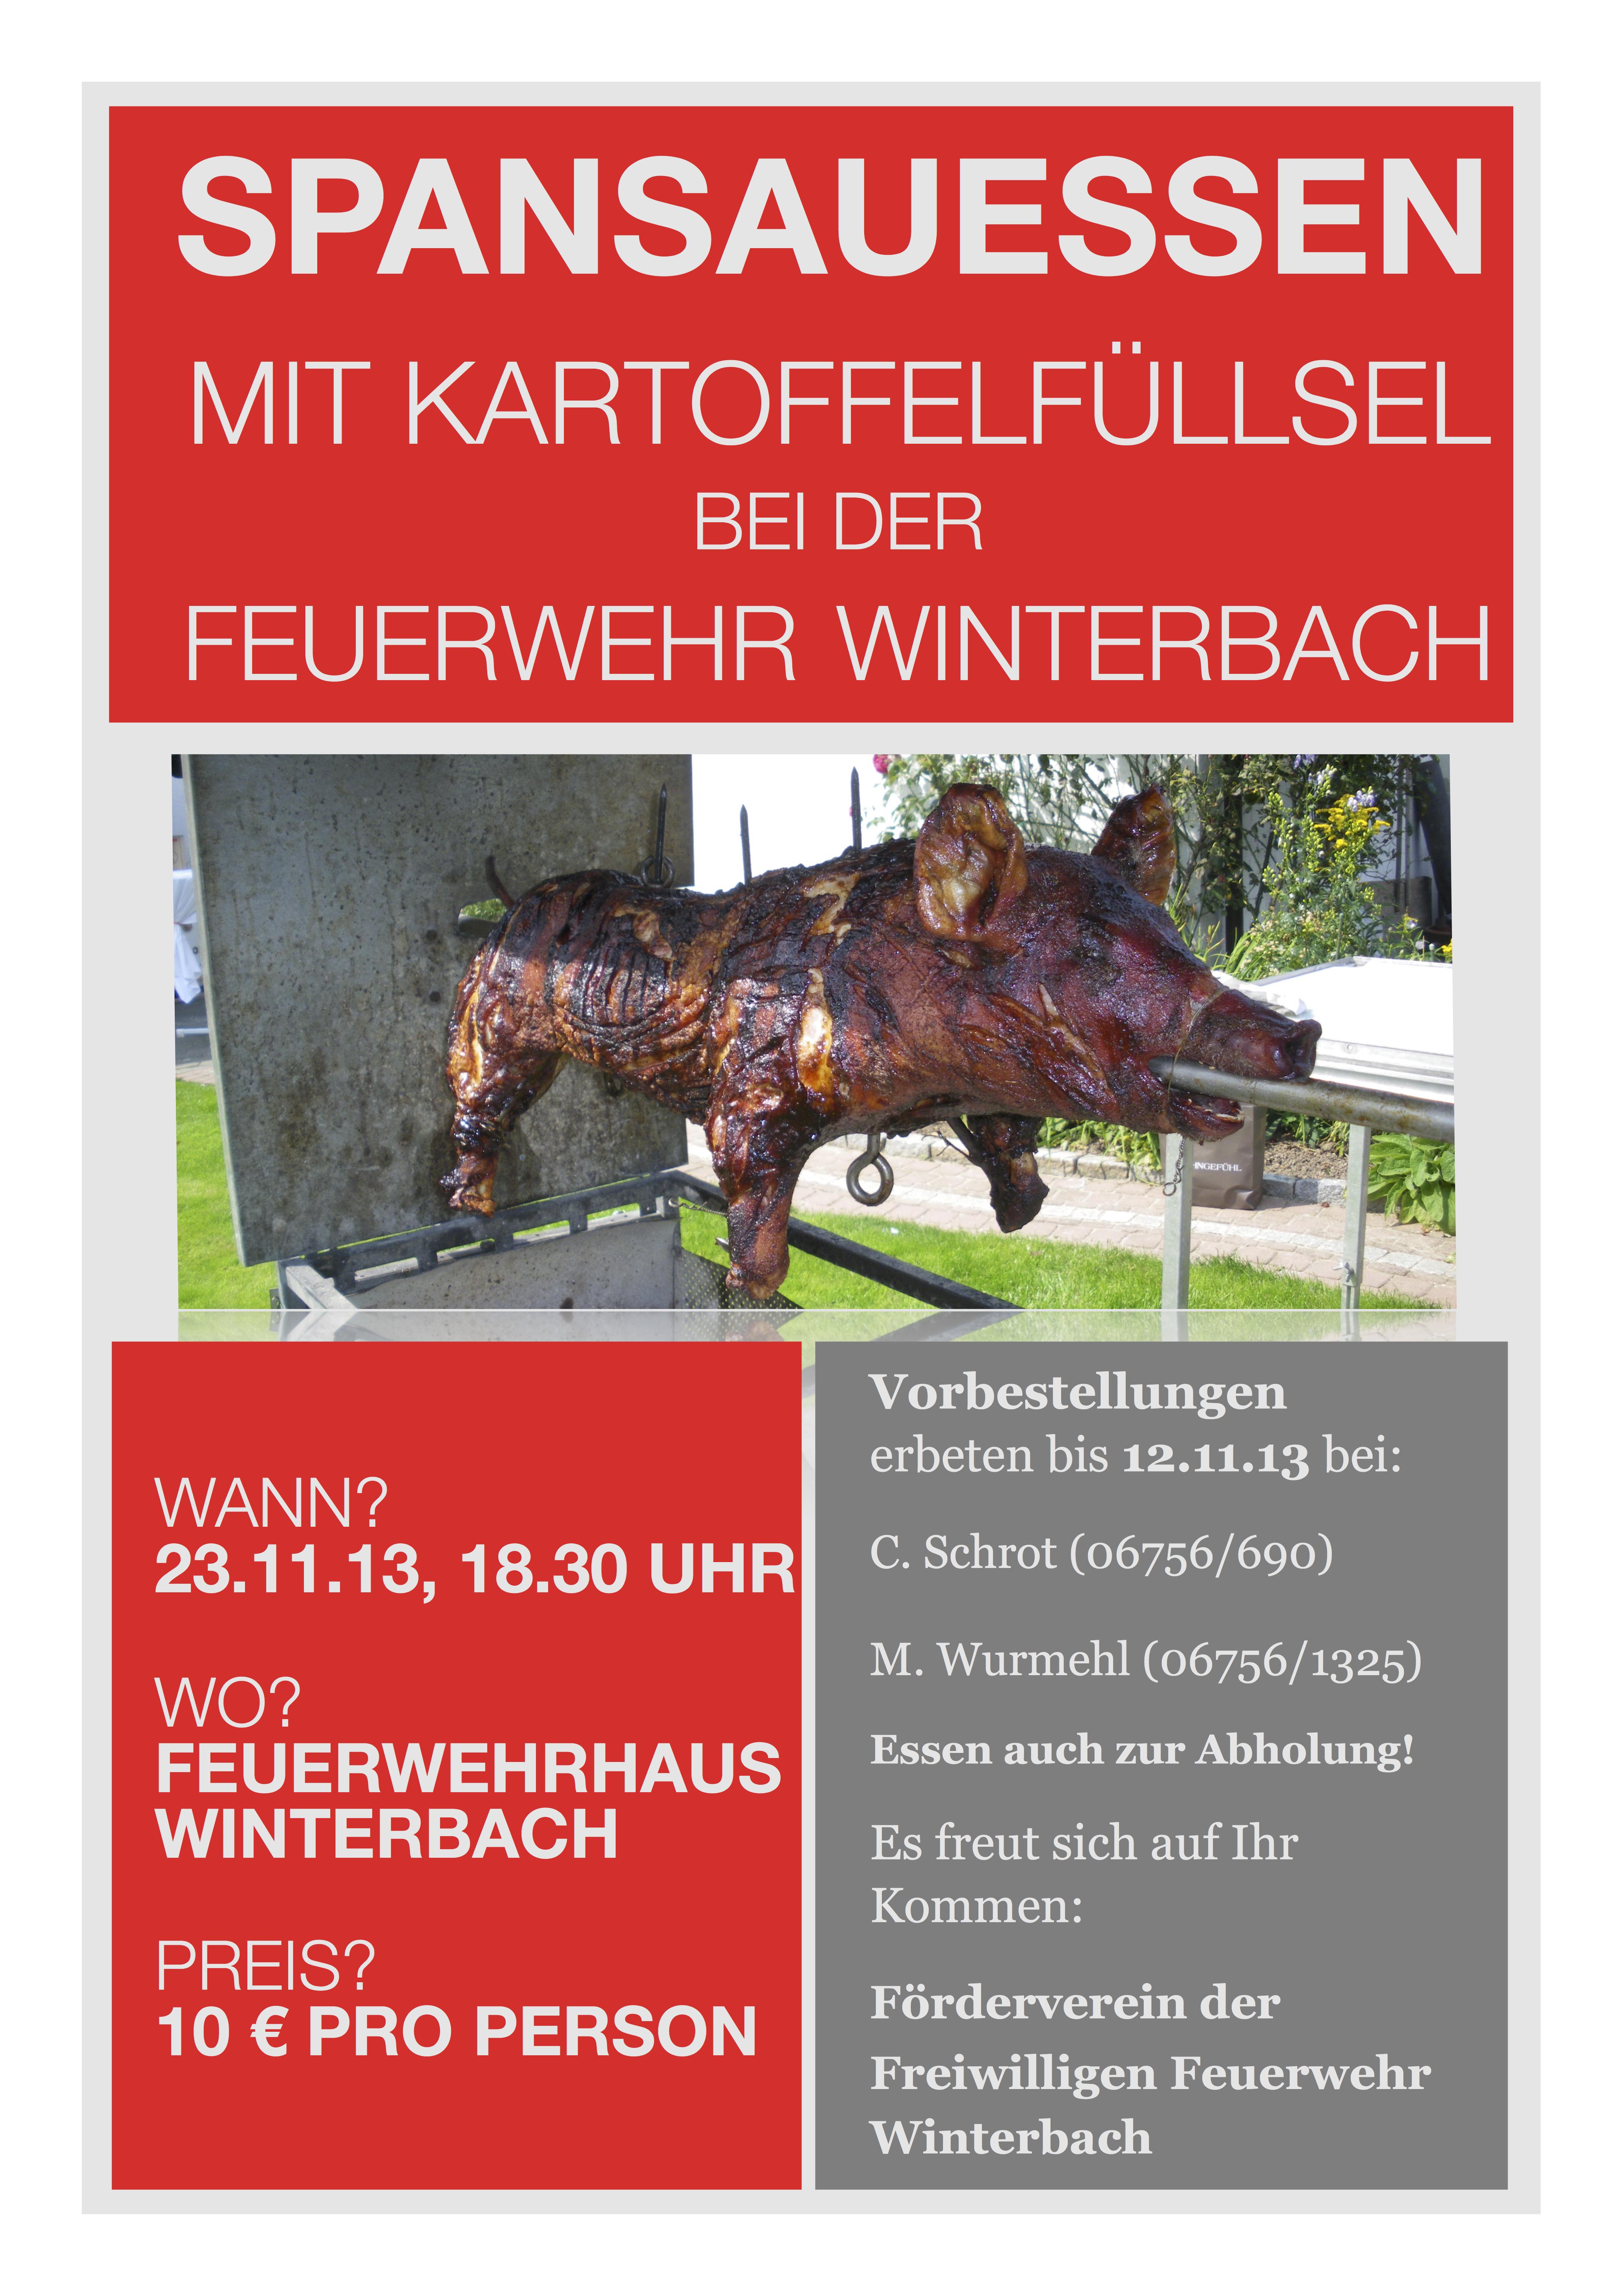 feuerwehr_spansauessen_2013